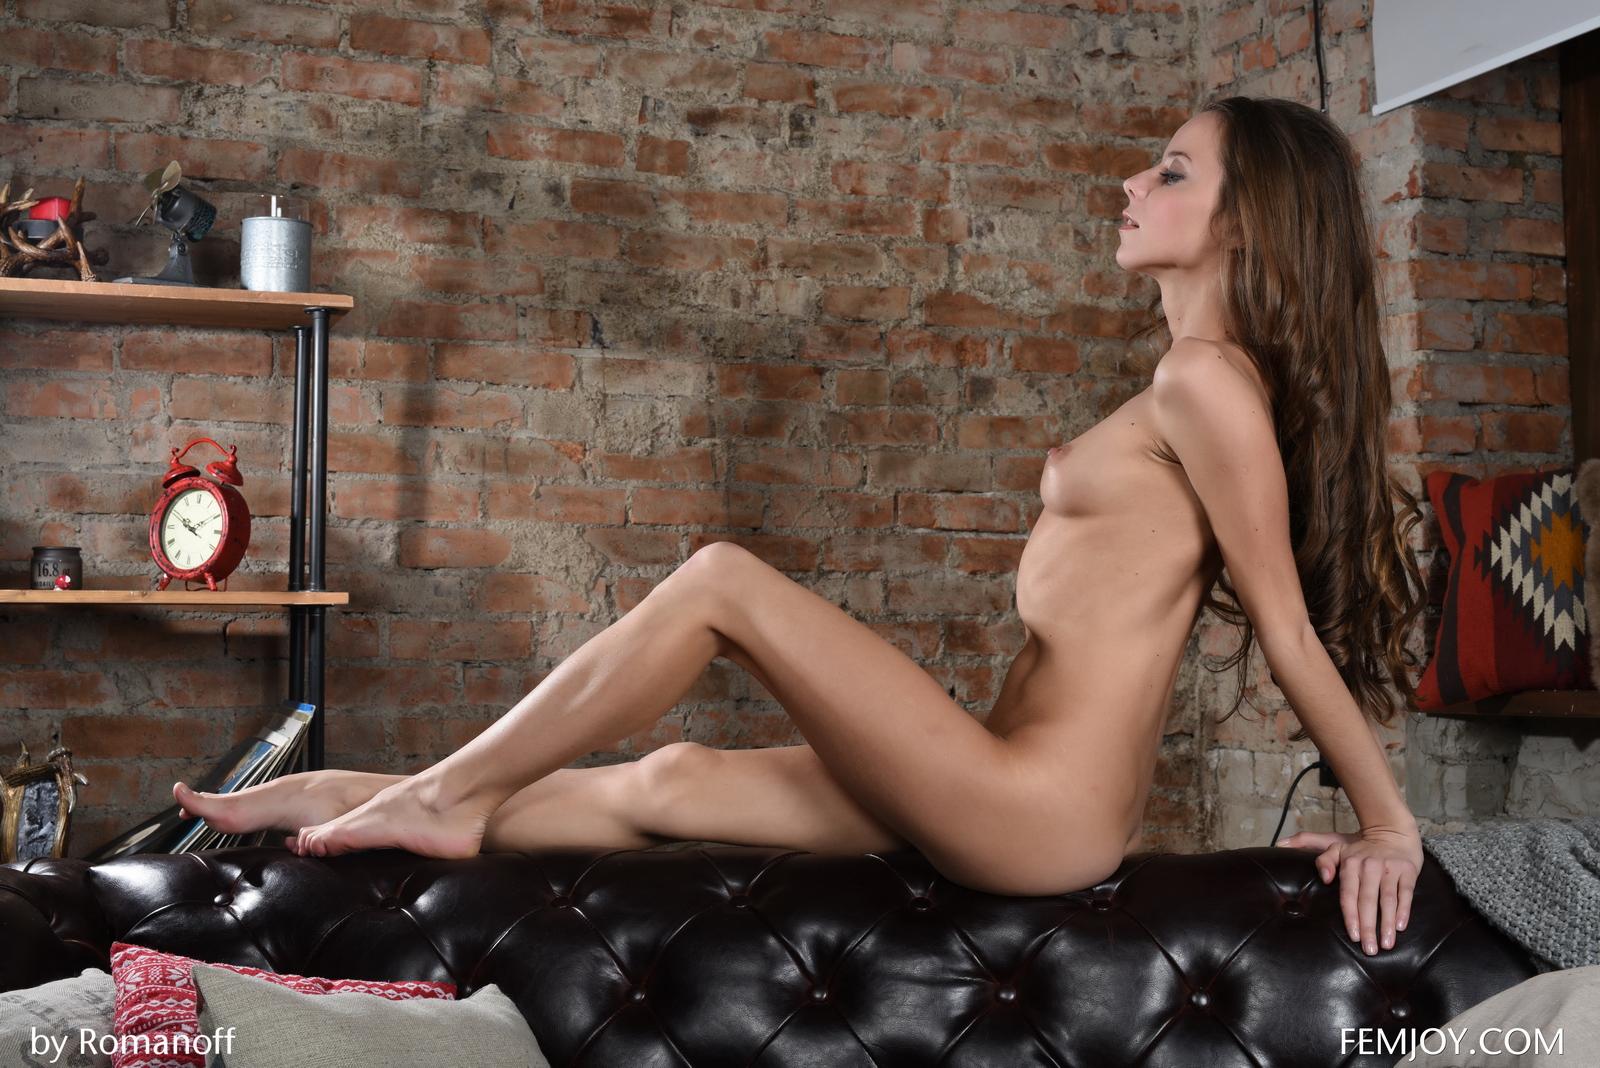 lili-z-skinny-nude-leather-sofa-femjoy-21